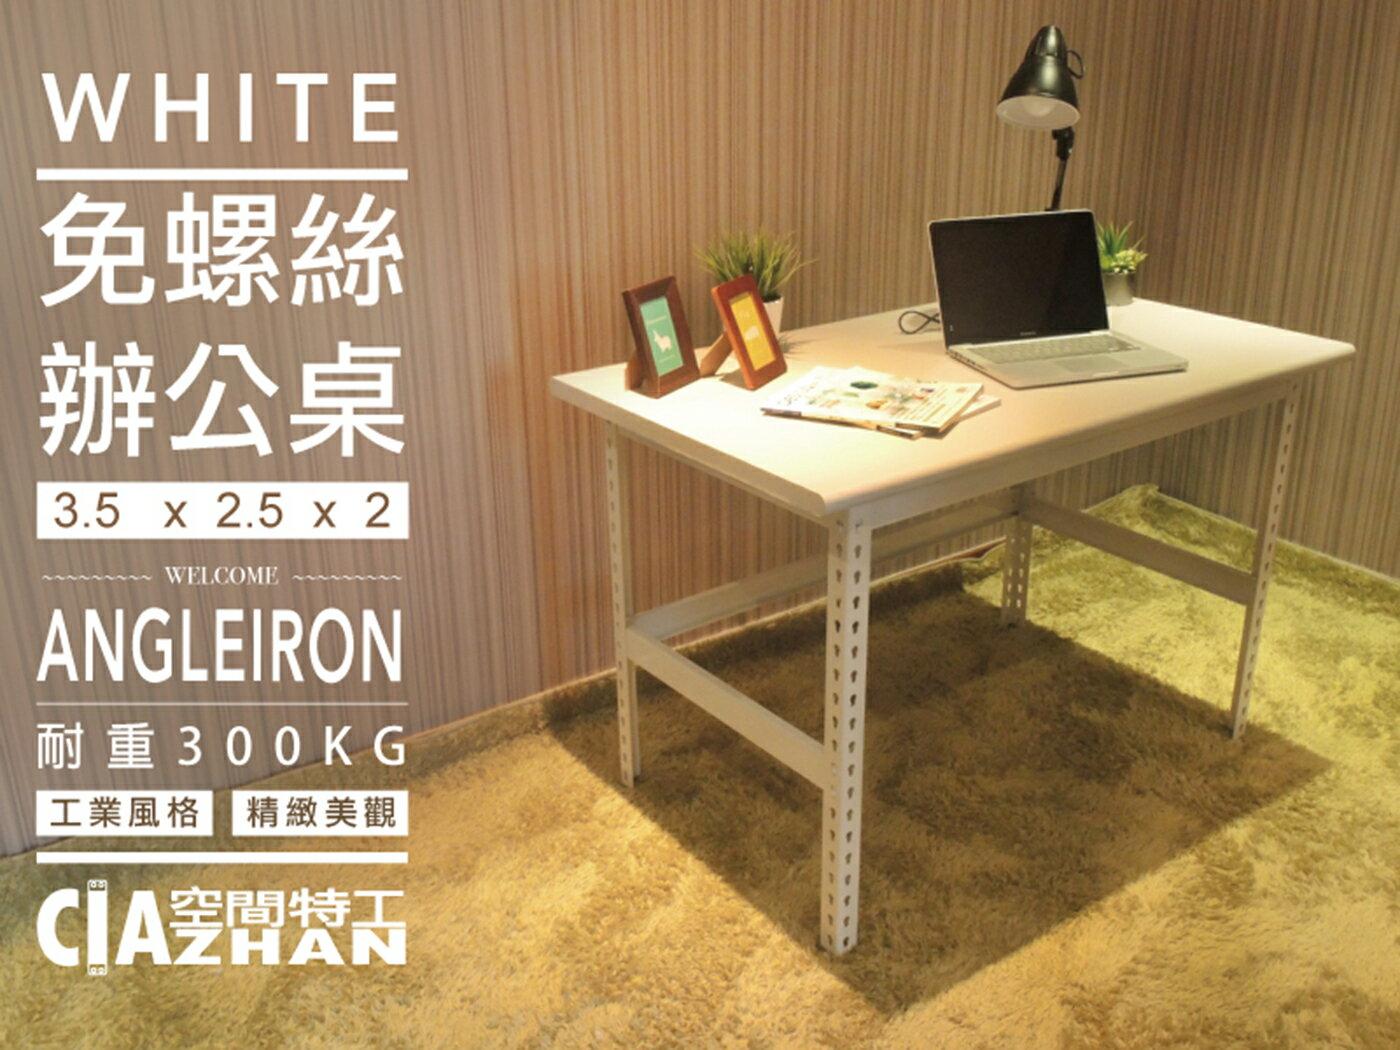 電腦桌♞空間特工♞(雪白桌板120x70cm,高密度塑合板 抗刮耐磨)搭配免螺絲角鋼 辦公桌 工作桌 免運費 0